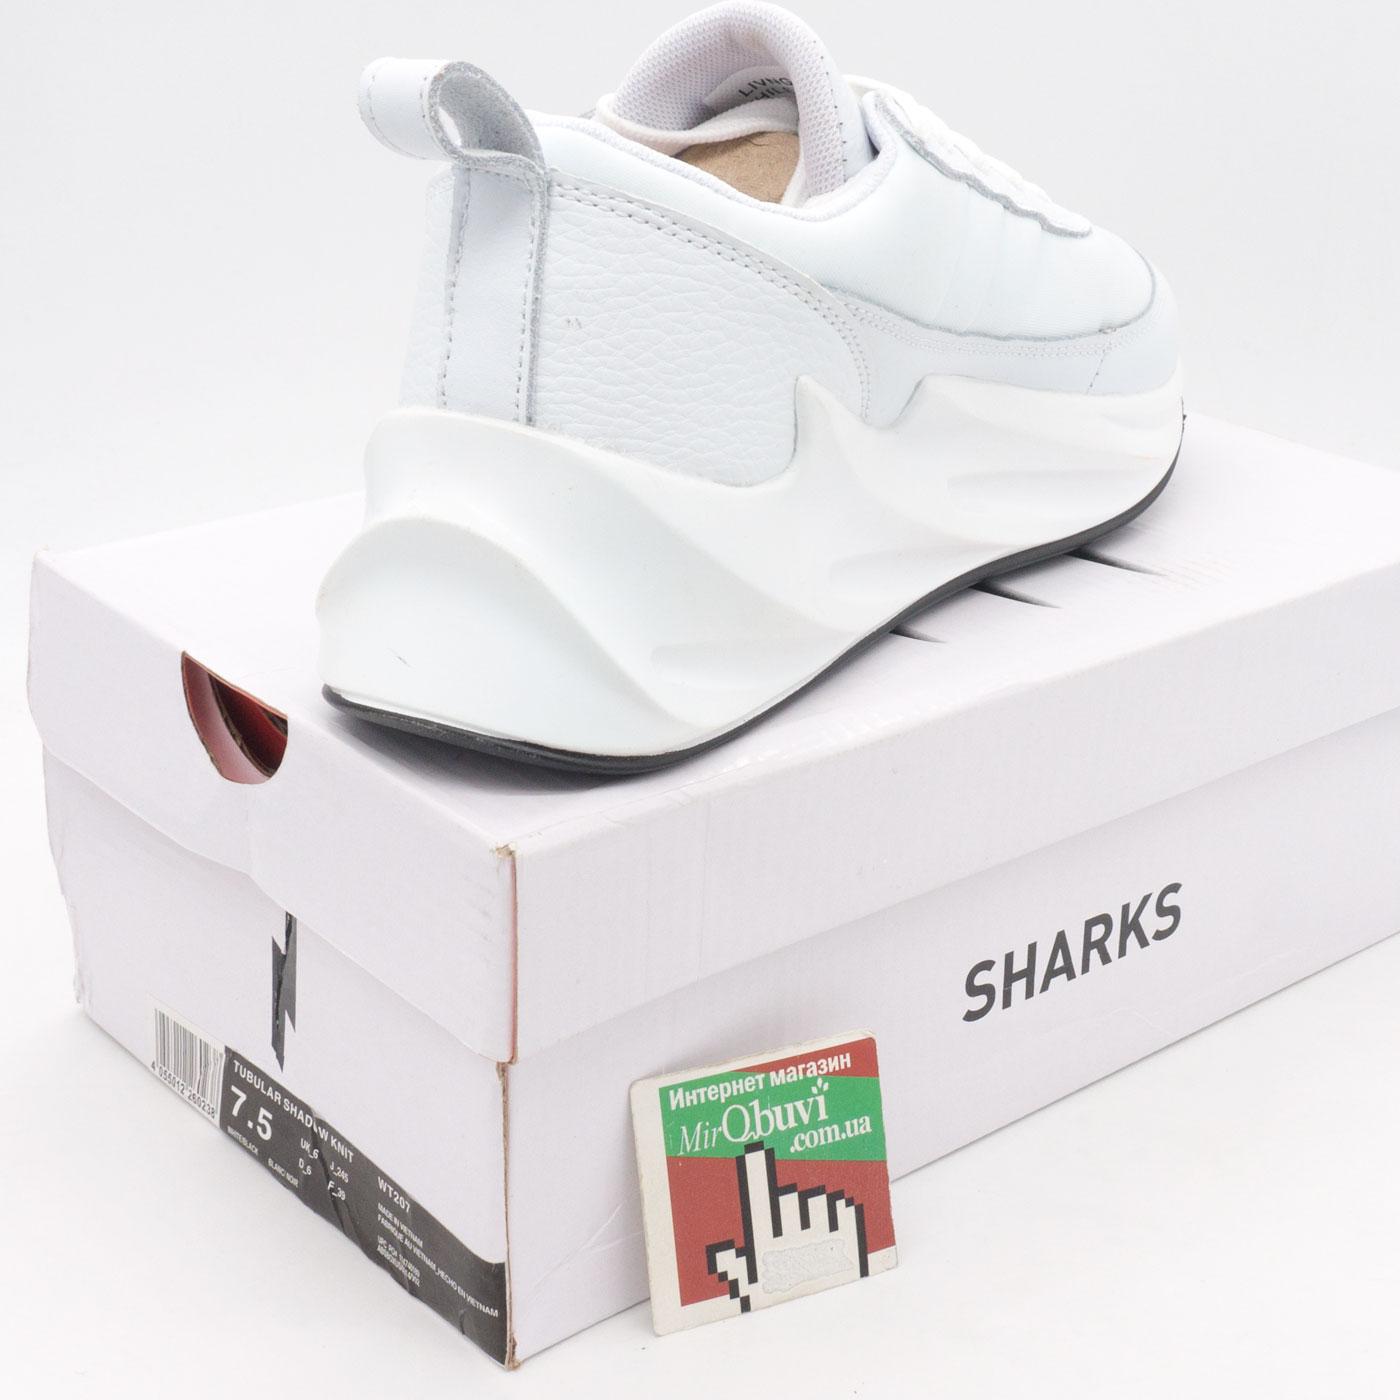 фото bottom Женские кроссовки Adidas Sharks белые. bottom